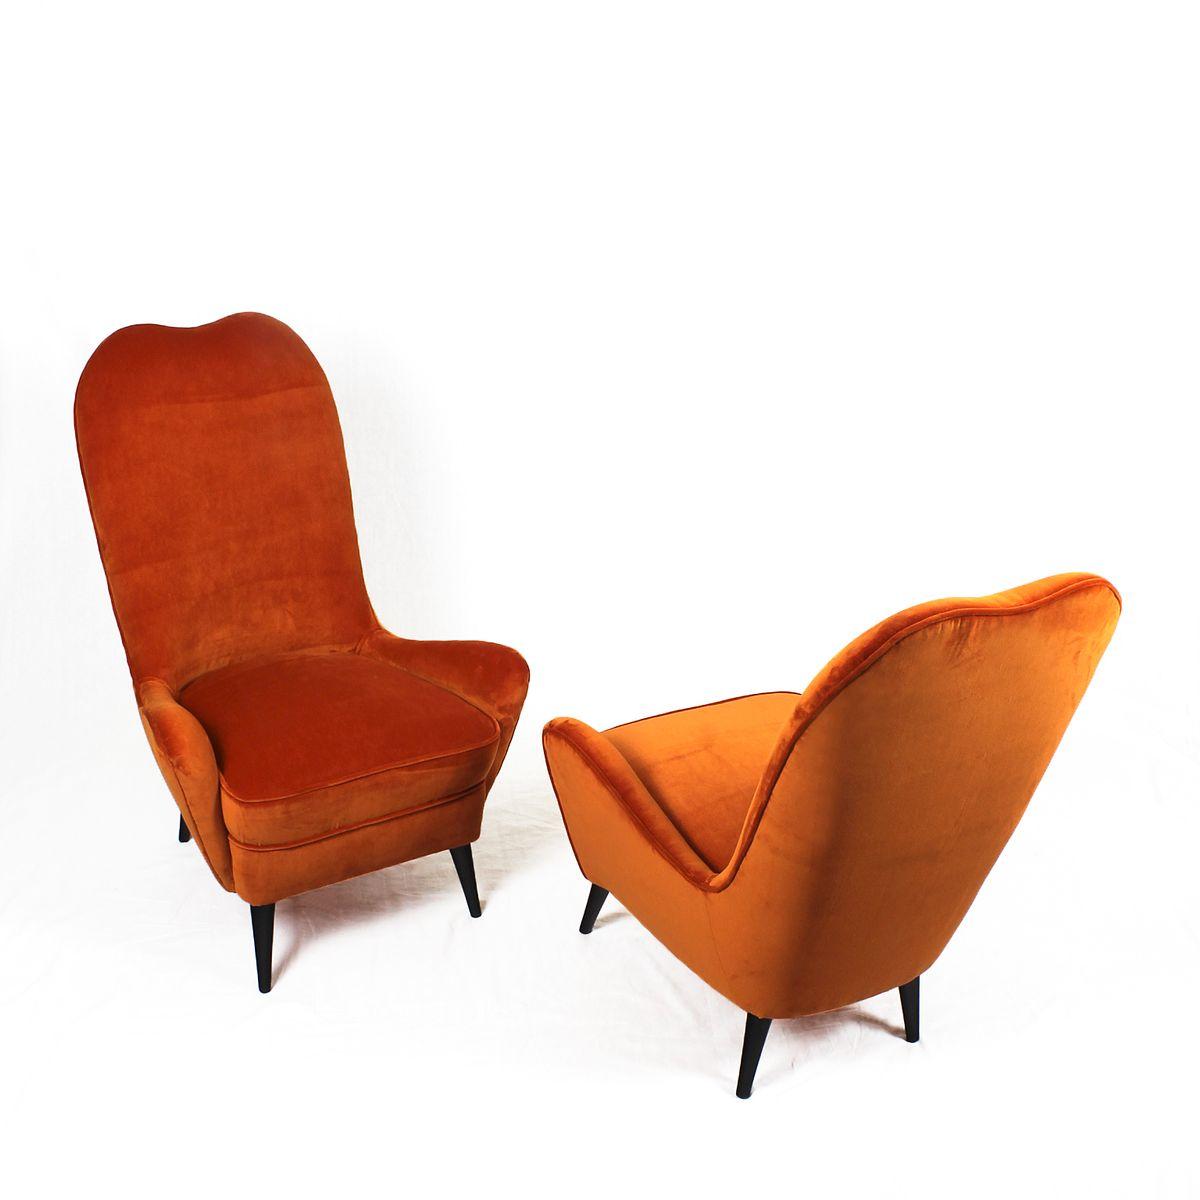 vintage sessel 1940er 2er set bei pamono kaufen. Black Bedroom Furniture Sets. Home Design Ideas